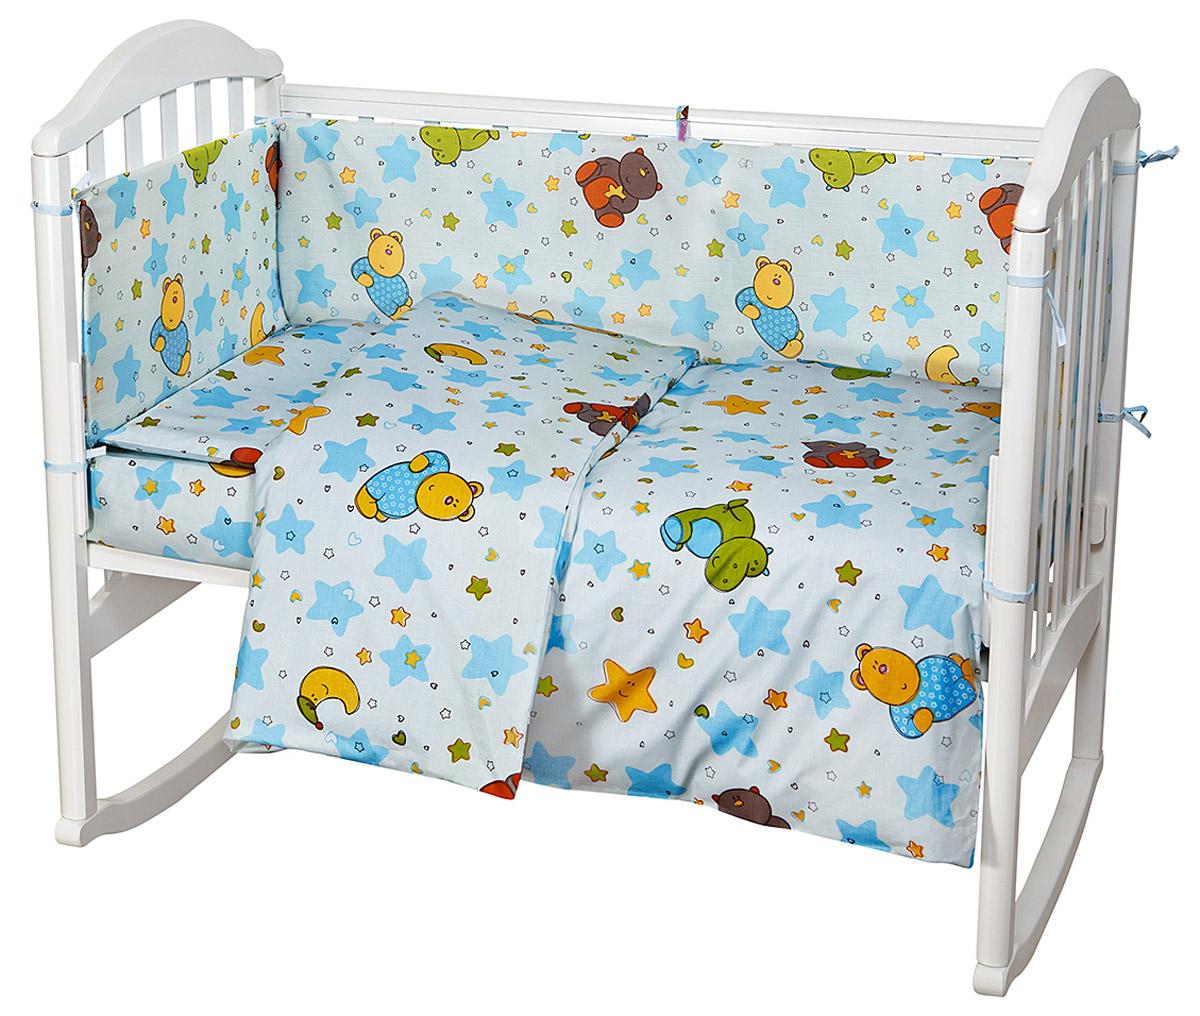 Baby Nice Детский комплект в кроватку Звездопад (КПБ, бязь, наволочка 40х60), цвет: голубойН613-03Комплект в кроватку Baby Nice Звездопад для самых маленьких изготовлен только из самой качественной ткани, самой безопасной и гигиеничной, самой экологичной и гипоаллергенной. Отлично подходит для кроваток малышей, которые часто двигаются во сне. Хлопковое волокно прекрасно переносит стирку, быстро сохнет и не требует особого ухода, не линяет и не вытягивается. Ткань прошла специальную обработку по умягчению, что сделало её невероятно мягкой и приятной к телу.Комплект создаст дополнительный комфорт и уют ребенку. Родителям не составит особого труда ухаживать за комплектом. Он превосходно стирается, легко гладится.Ваш малыш будет в восторге от такого необыкновенного постельного набора!В комплект входит: одеяло, пододеяльник, подушка, наволочка, простынь на резинке, 4 борта.